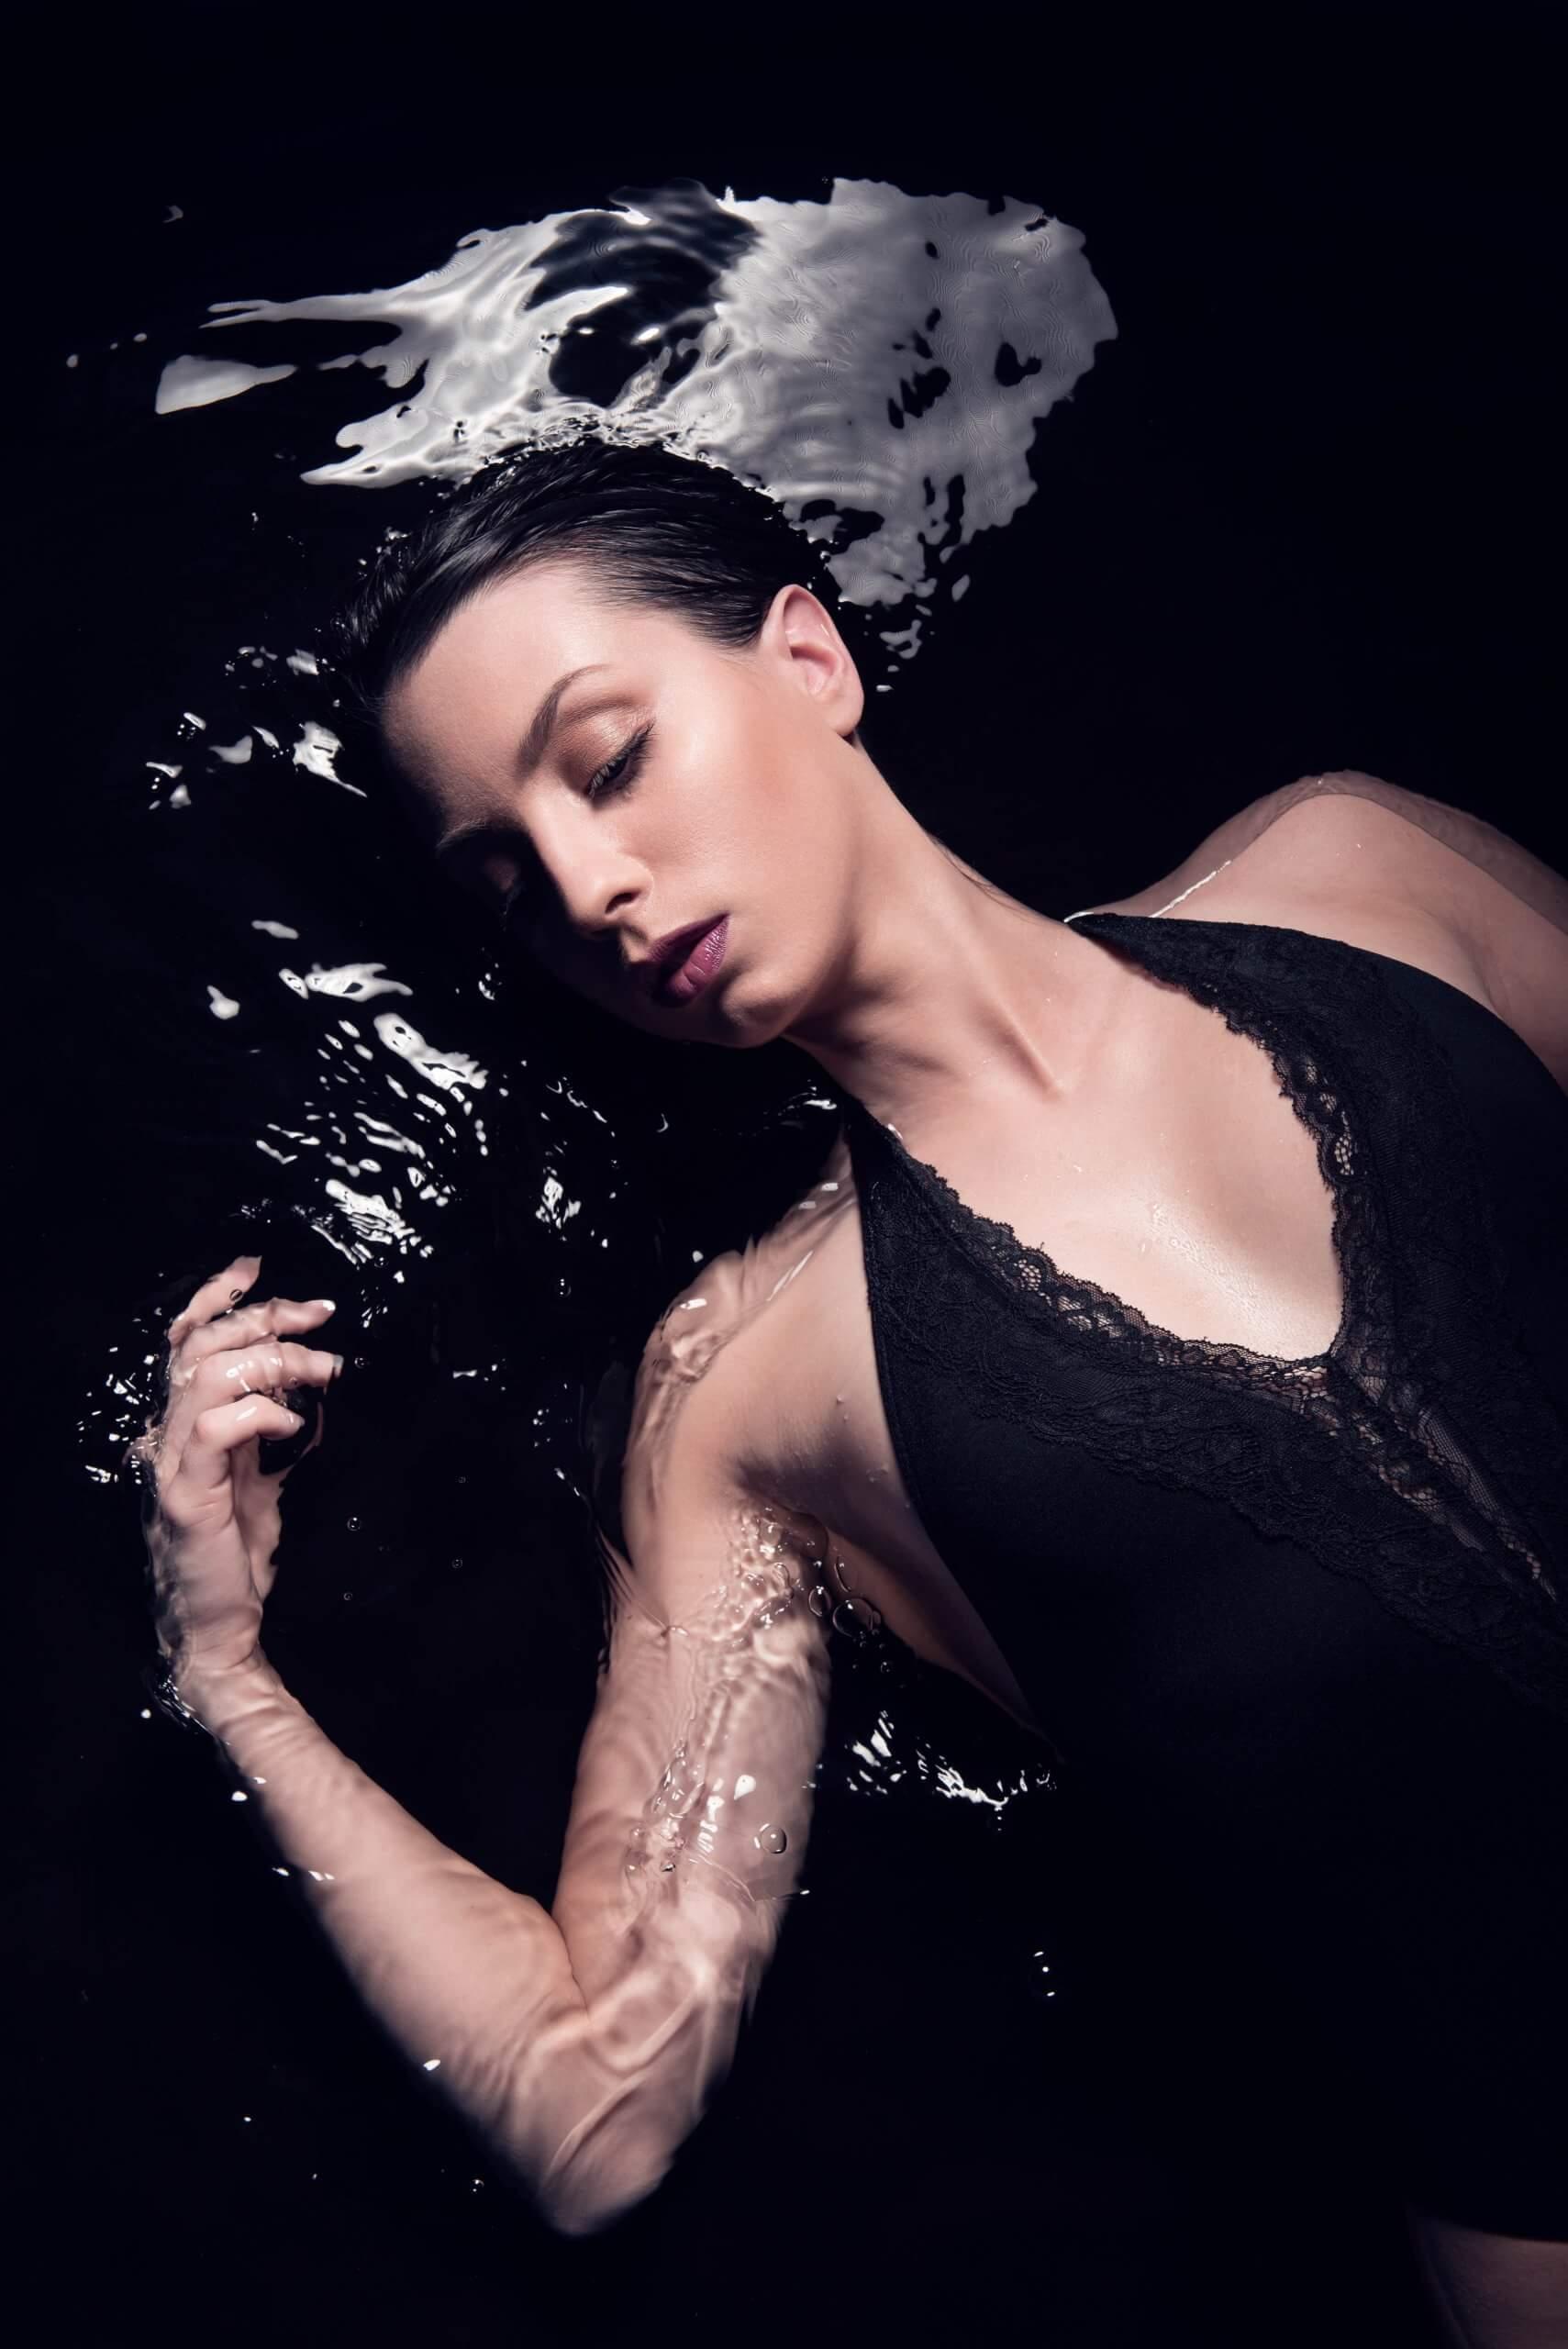 autoportrait dans une piscine d'eau noire avec une peau blanche cadavérique